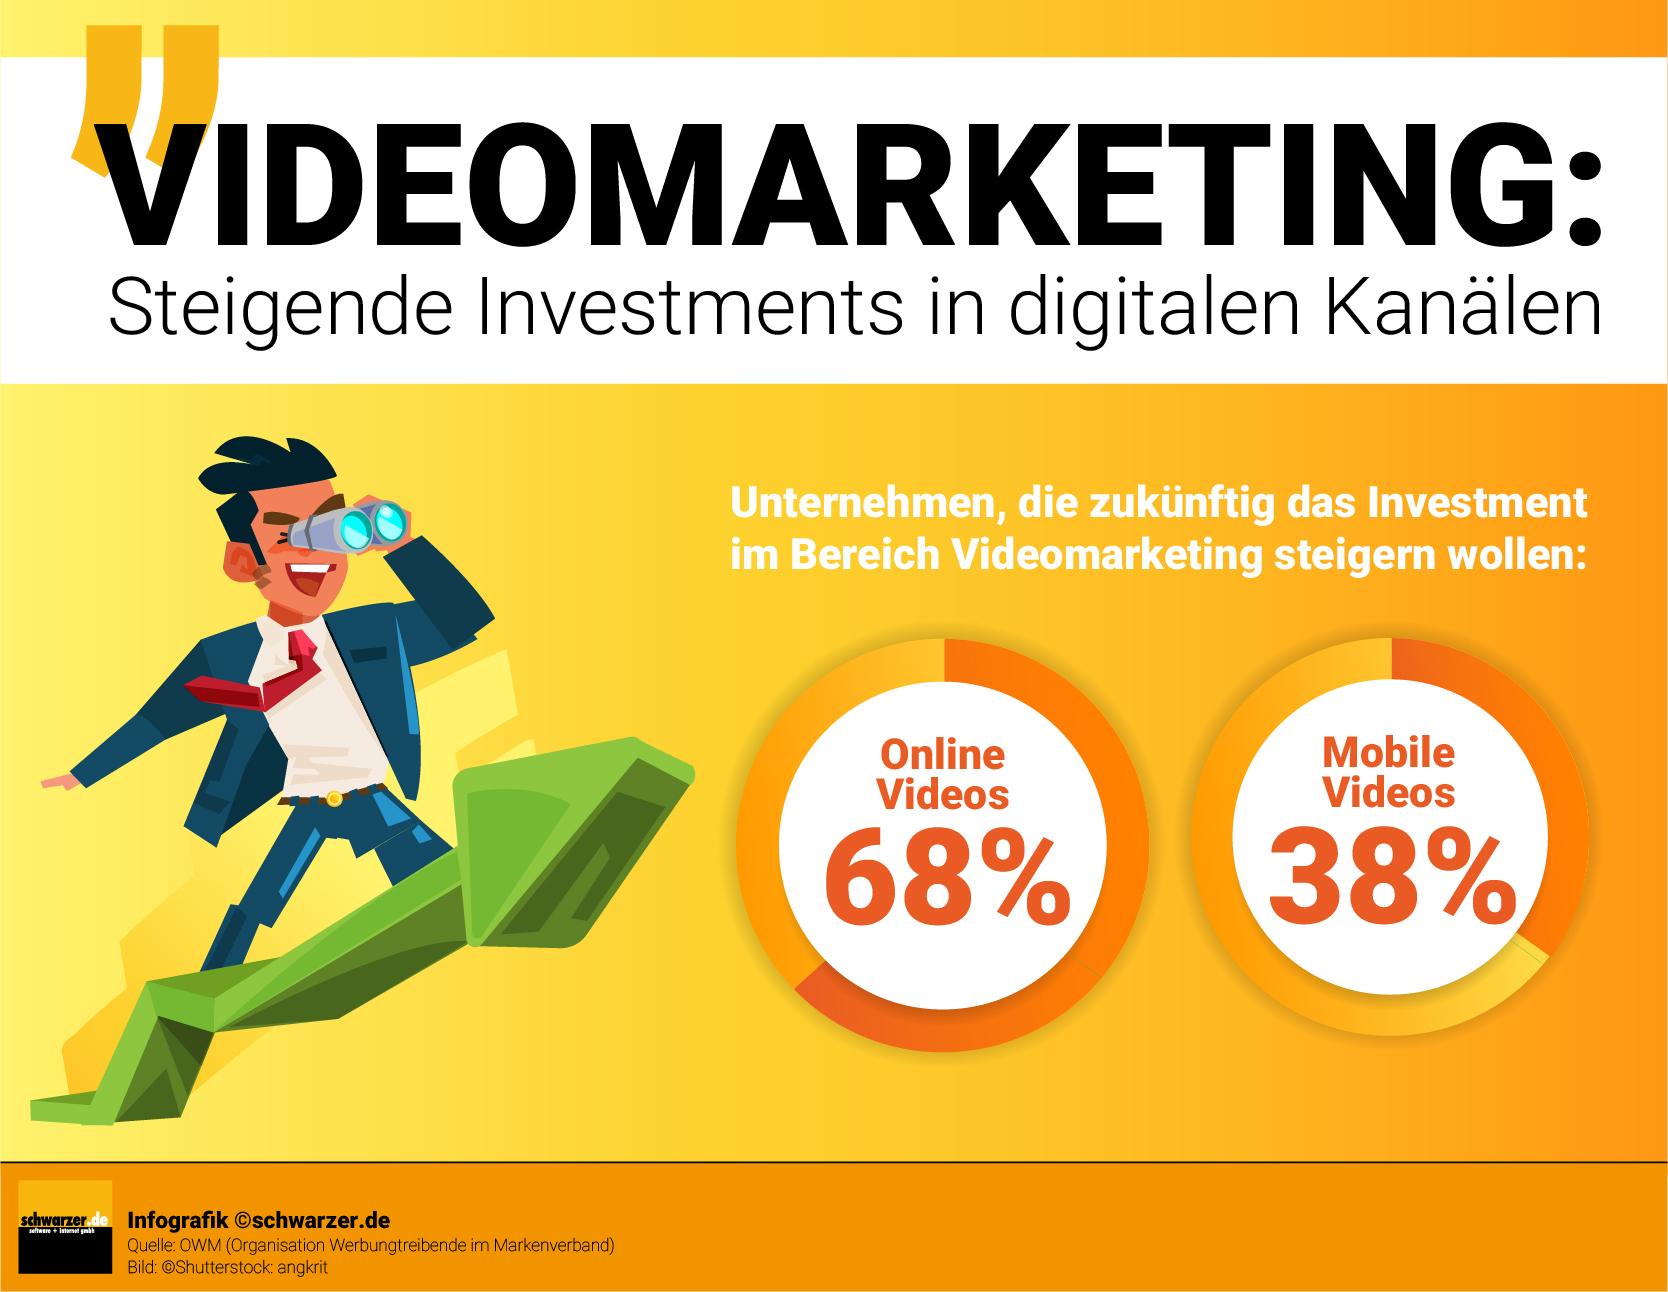 Infografik: Videomarketing - Steigende Investments in digitalen Kanälen. Unternehmen, die zukünftig das Investment im Bereich Videomarketing steigern wollen.